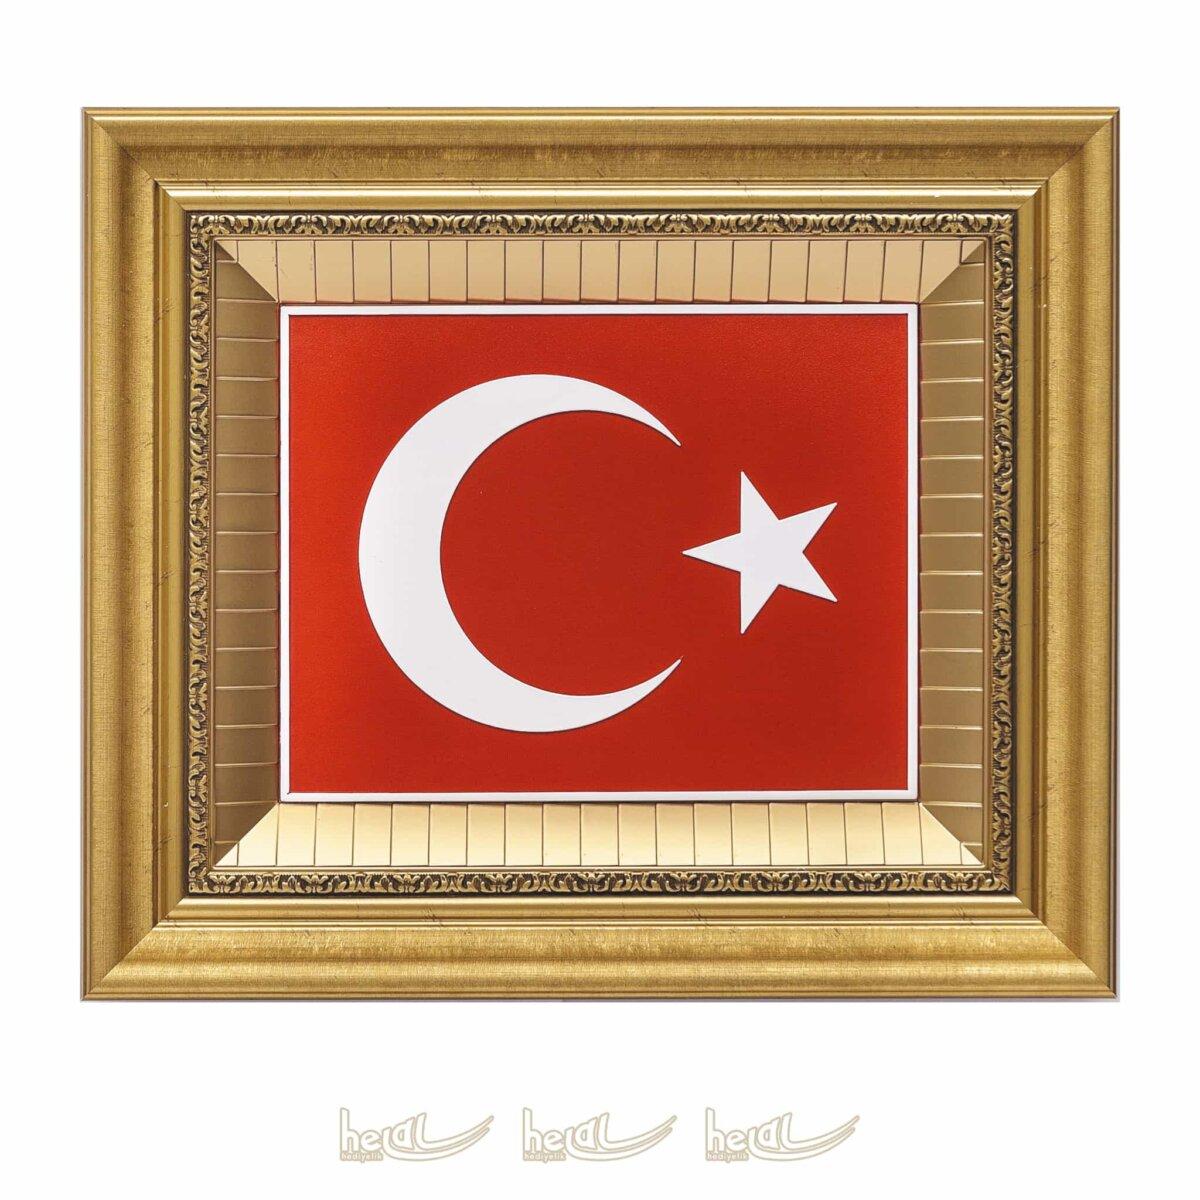 45x52cm Türk Bayrağı Çerçeveli Tablo 45x52cm Türk Bayrağı Çerçeveli Tablo